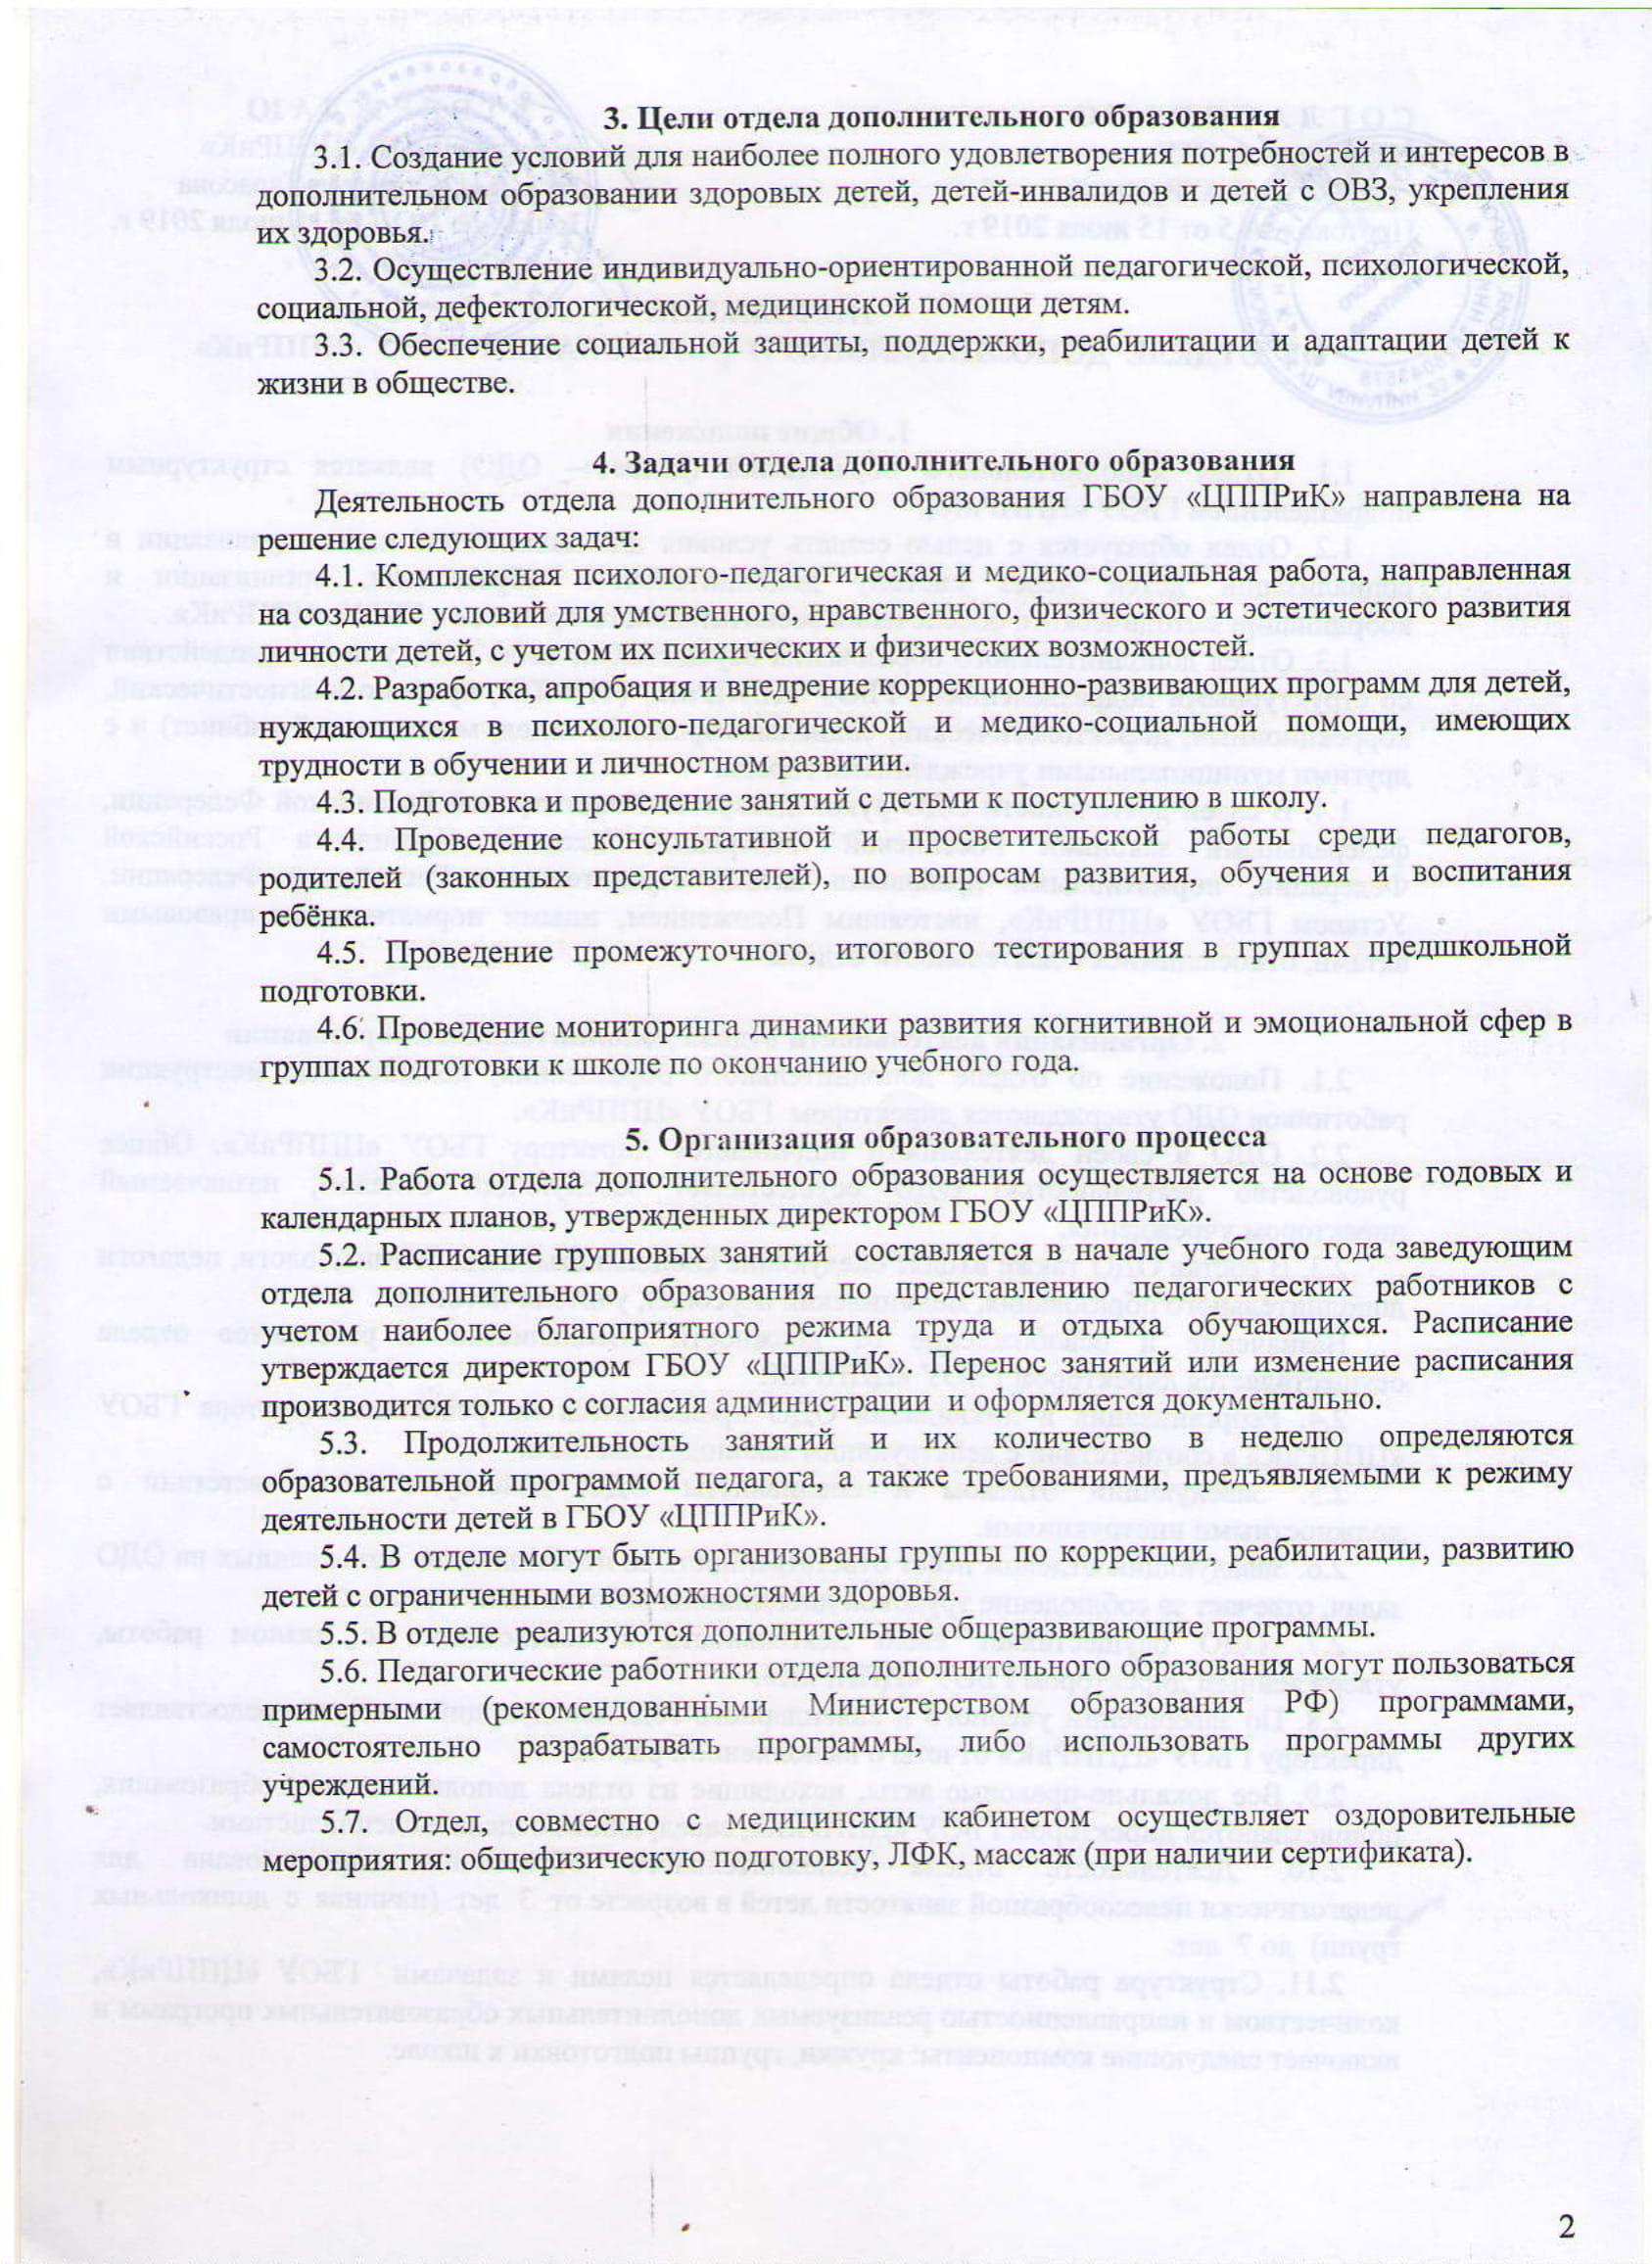 2 Положение об отделе дополнительного образования-2